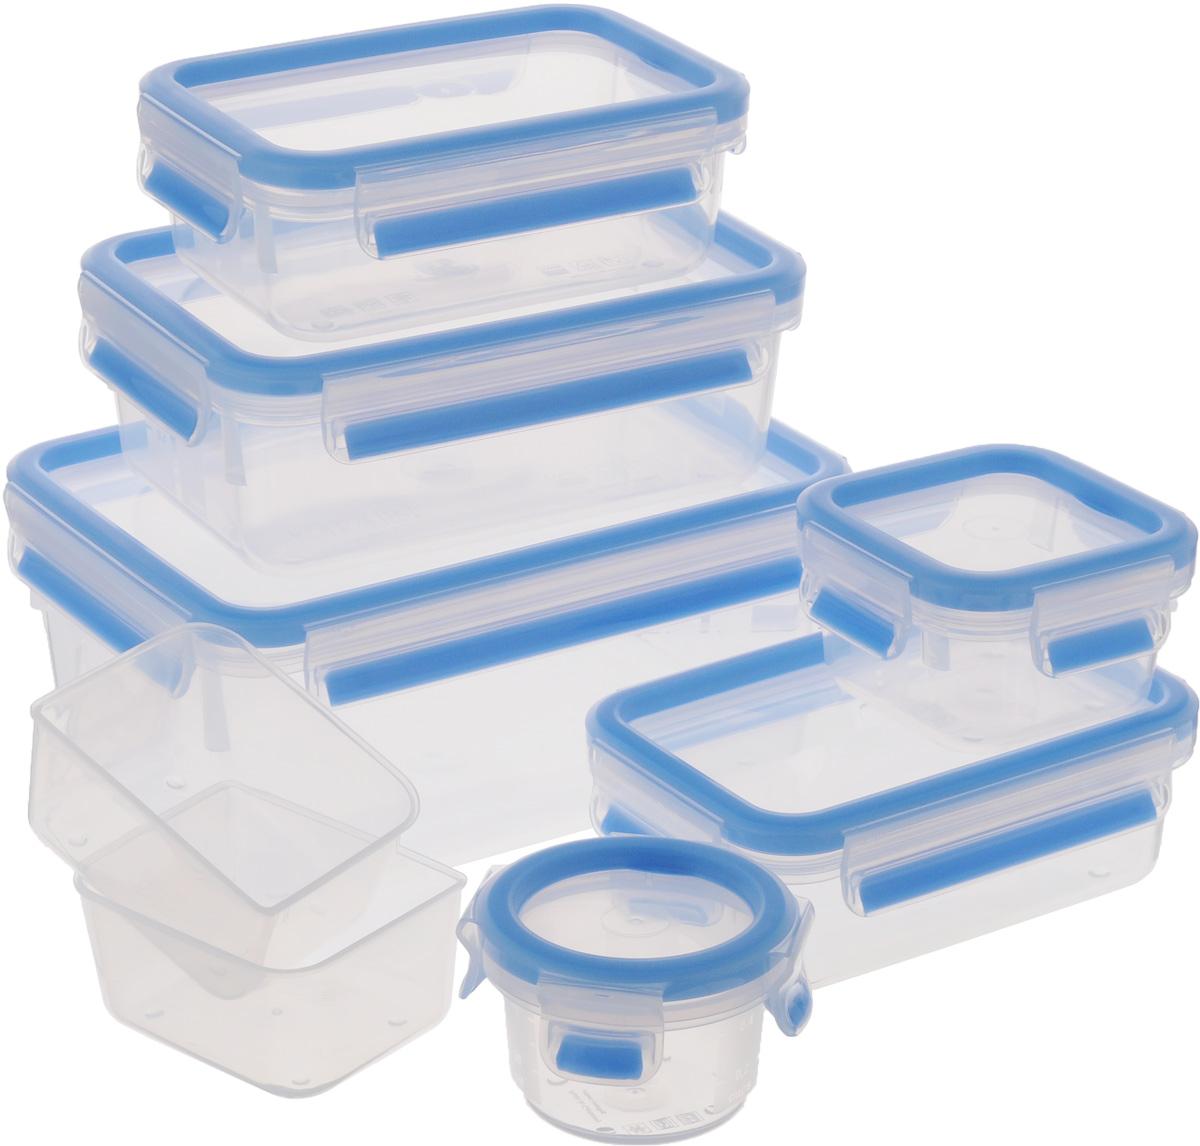 Набор контейнеров Emsa Clip&Close, 7 предметов515562Набор Emsa Clip&Close состоит из 6 контейнеров разного объема и 2 небольших емкостей. Предметы набора изготовлены из высококачественного пищевого пластика, который выдерживает температуру от -40°С до +110°С, не впитывает запахи и не изменяет цвет. Контейнеры снабжены крышками, закрывающимися по бокам на 4 защелки. Герметичность достигается за счет специальных силиконовых уплотнителей, которые позволяют использовать контейнер для хранения не только пищи, но и напитков. В таком контейнере продукты долгое время сохраняют свою свежесть. Прозрачные стенки позволяют просматривать содержимое. Сбоку имеются отметки литража. Изделия подходят для домашнего использования, для пикников, поездок, такие контейнеры удобно брать с собой на работу или учебу. Можно использовать в СВЧ-печах, холодильниках, посудомоечных машинах, морозильных камерах. Объем контейнеров: 2,3 л; 1 л; 0,55 л; 0,55 л; 0,25 л; 0,15 л. Размер контейнеров (без учета...